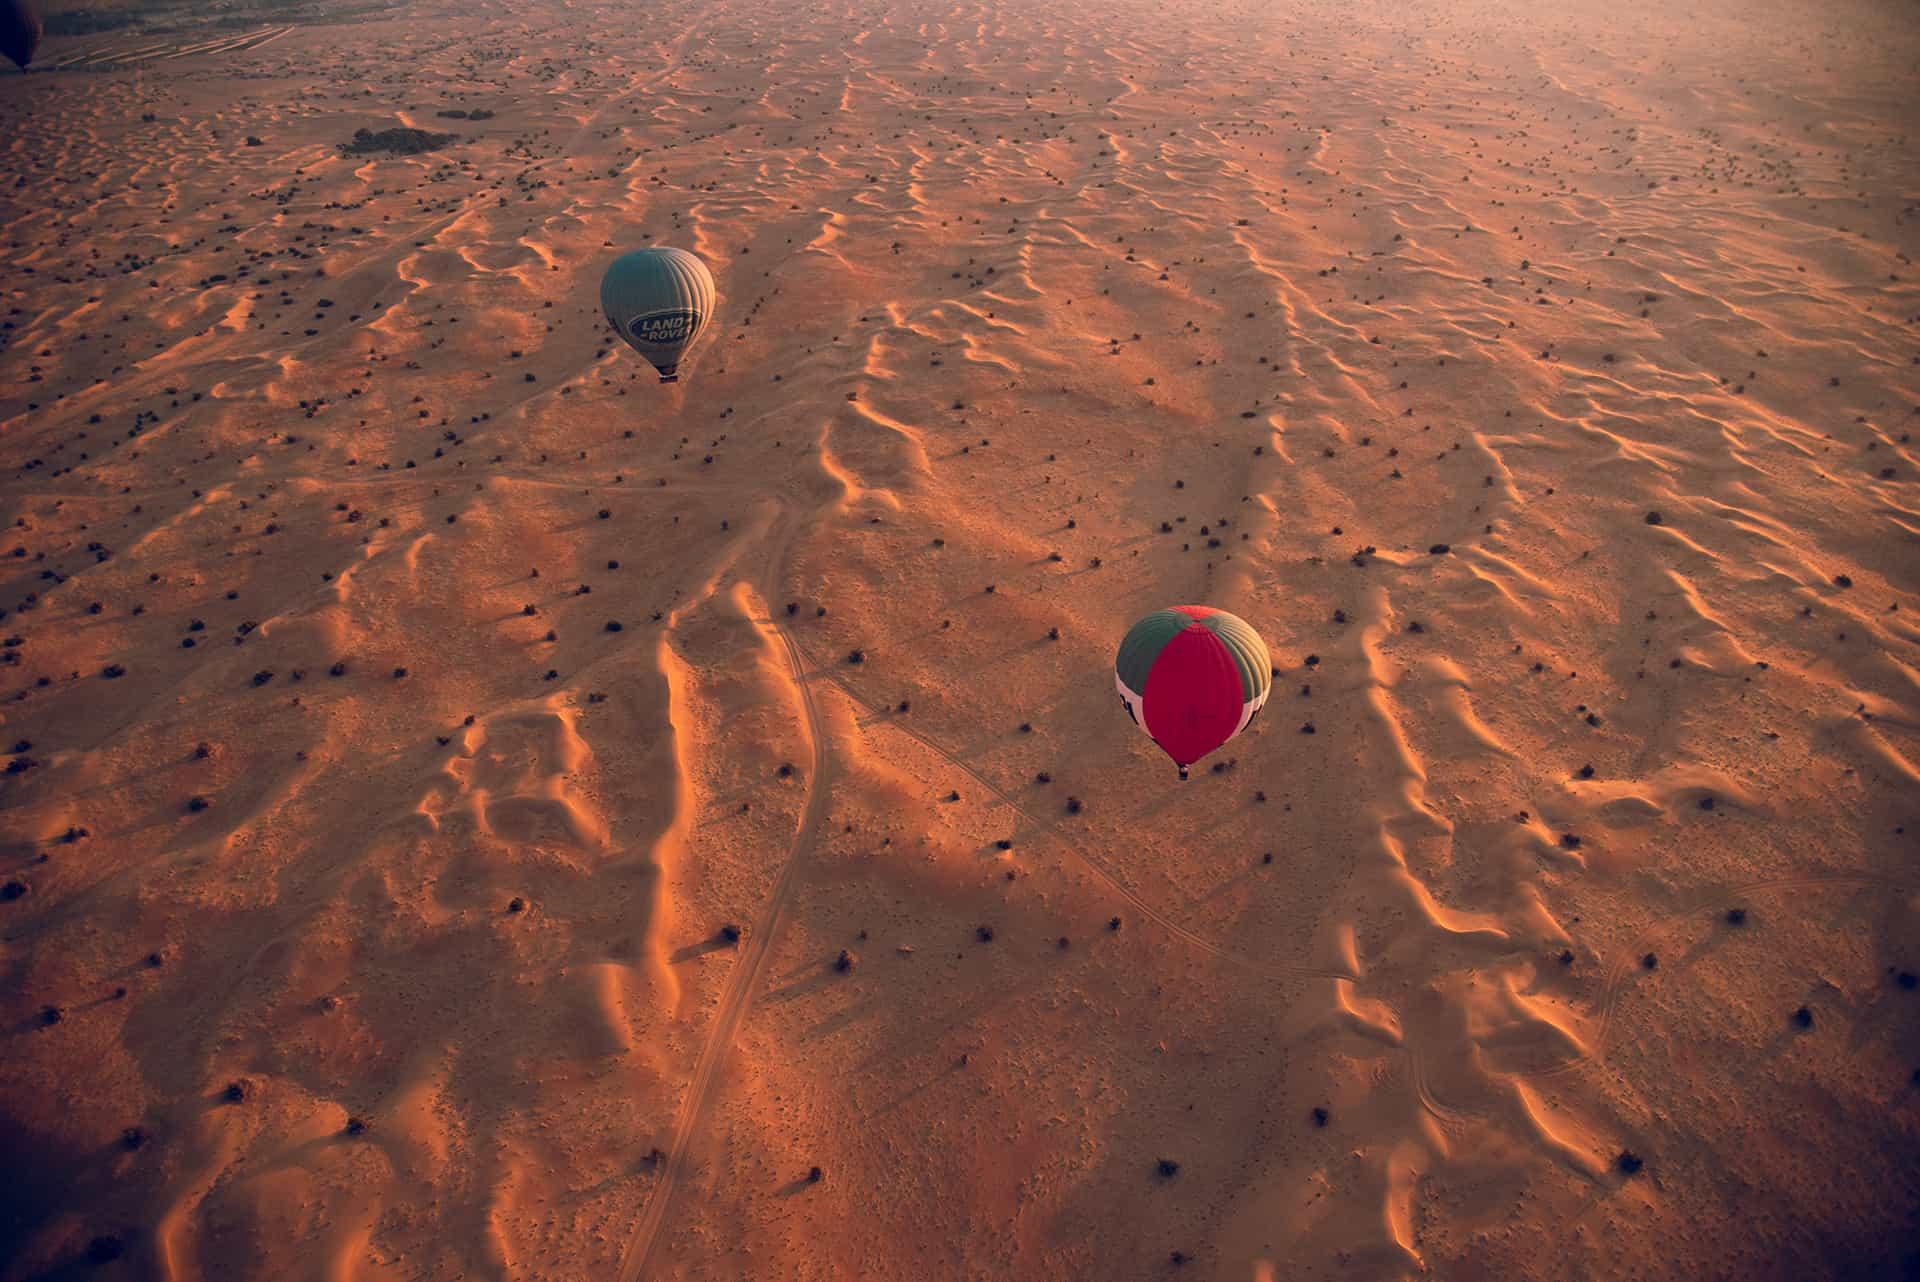 montgolfiere dubai